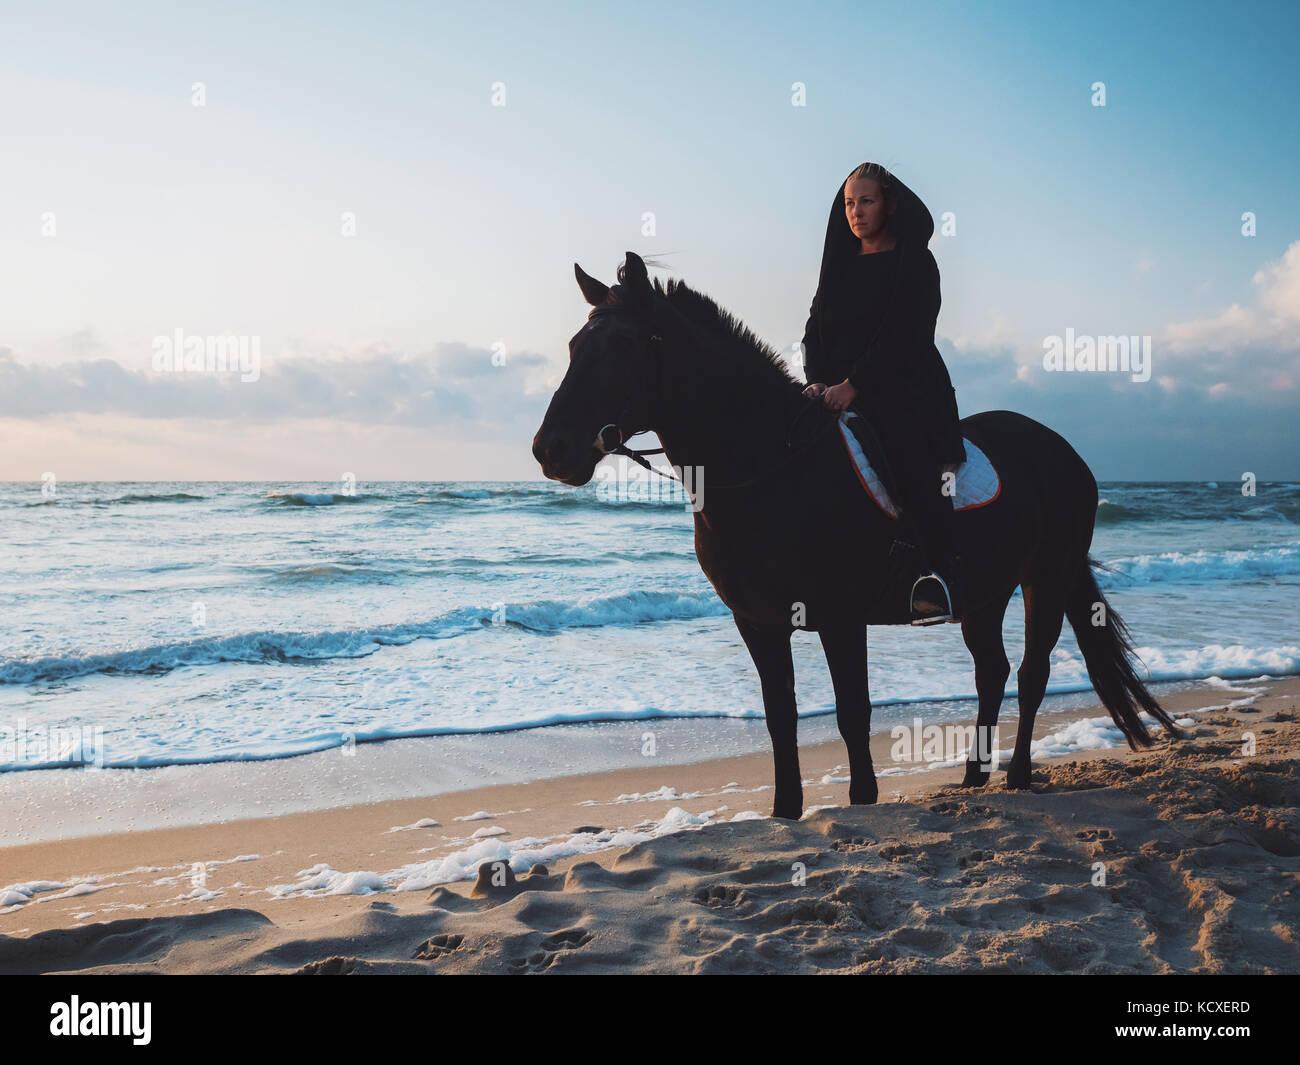 shof von frau sitzt auf einem schwarzen pferd auf dem meer. Black Bedroom Furniture Sets. Home Design Ideas